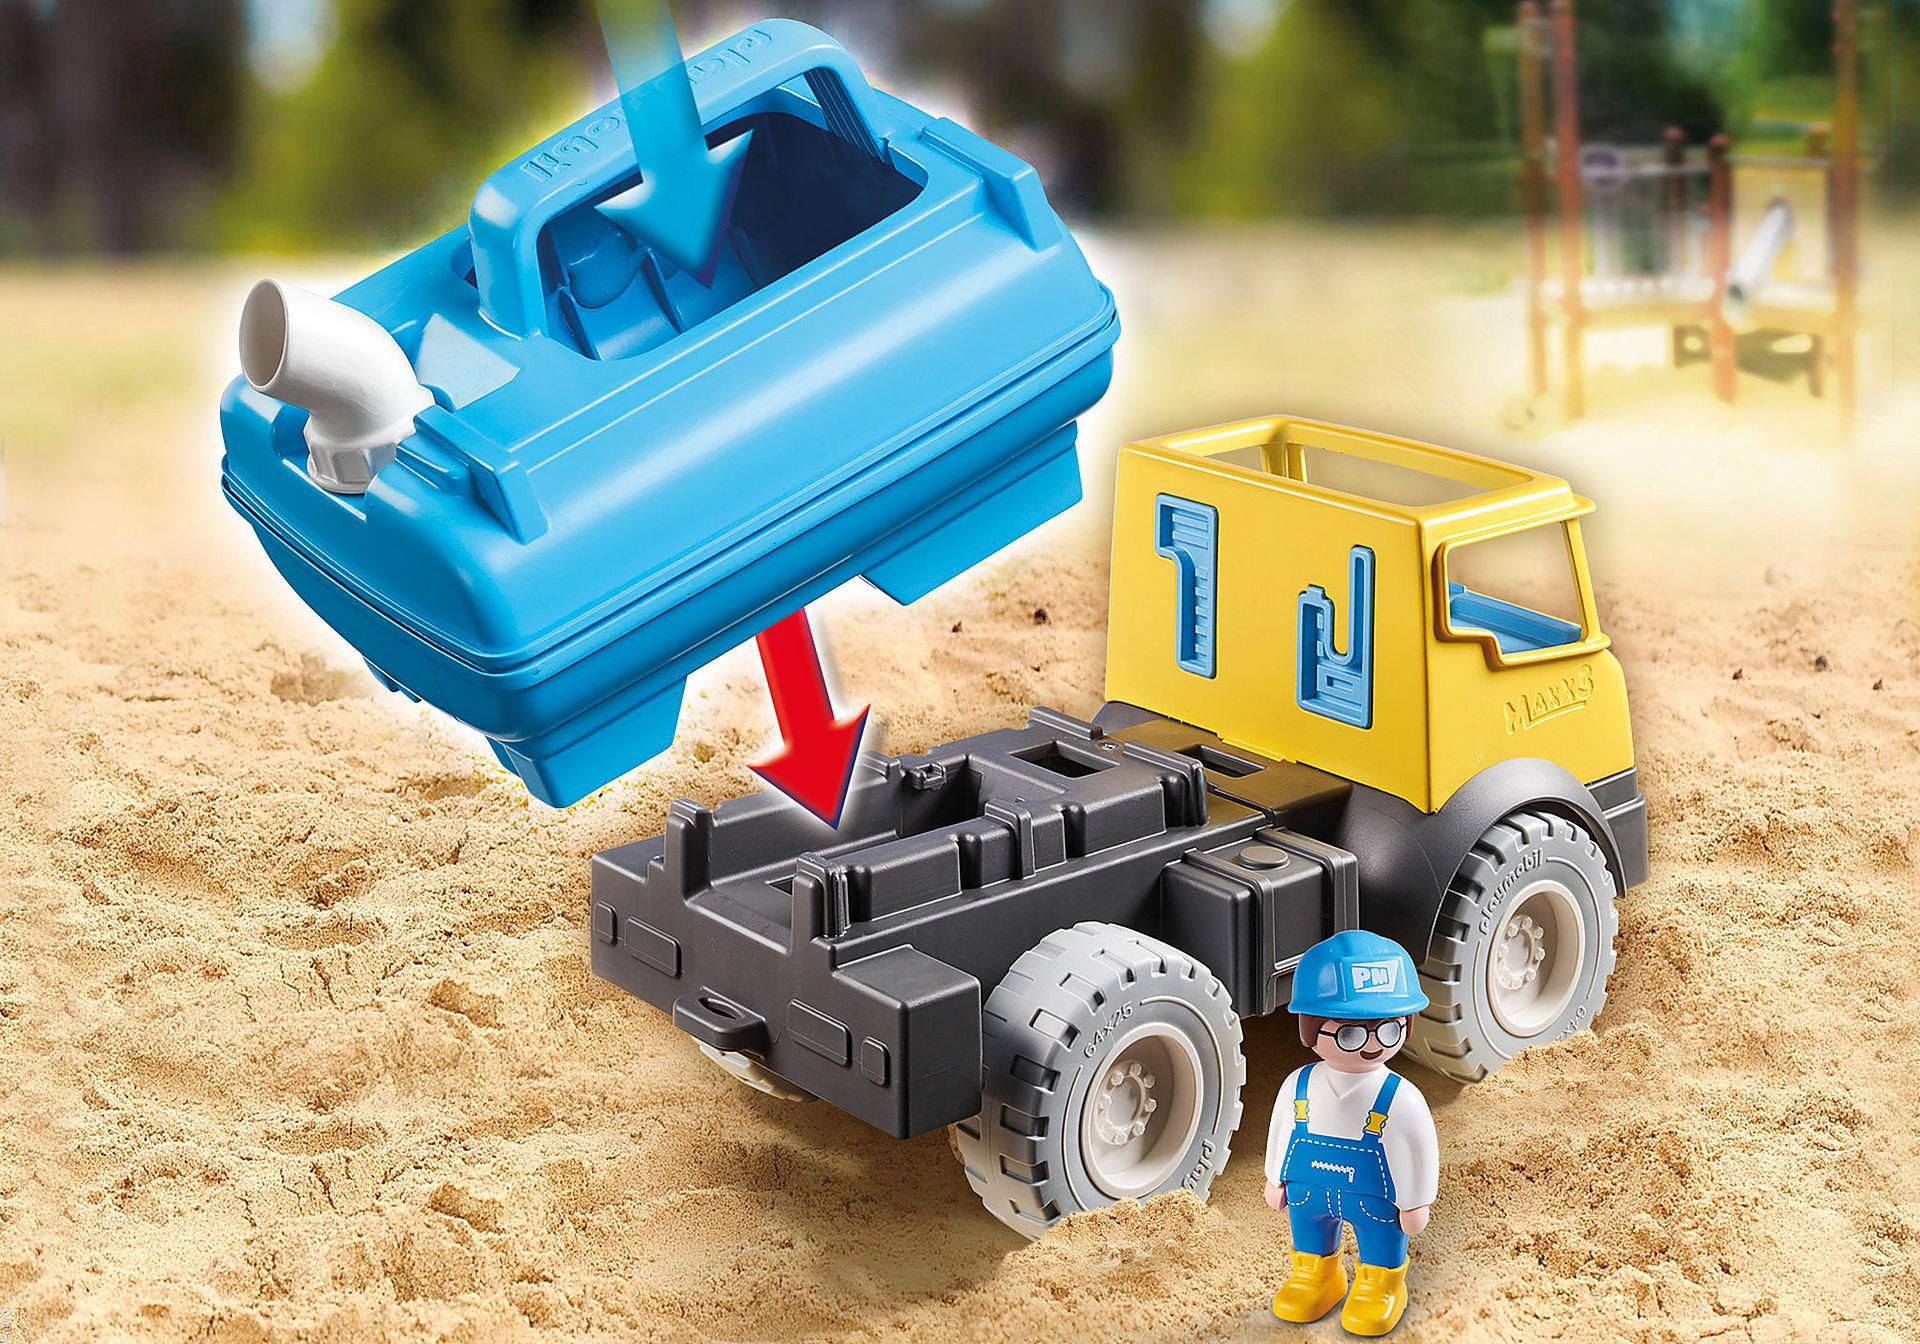 http://media.playmobil.com/i/playmobil/9144_product_extra5/Vrachtwagen met watertank